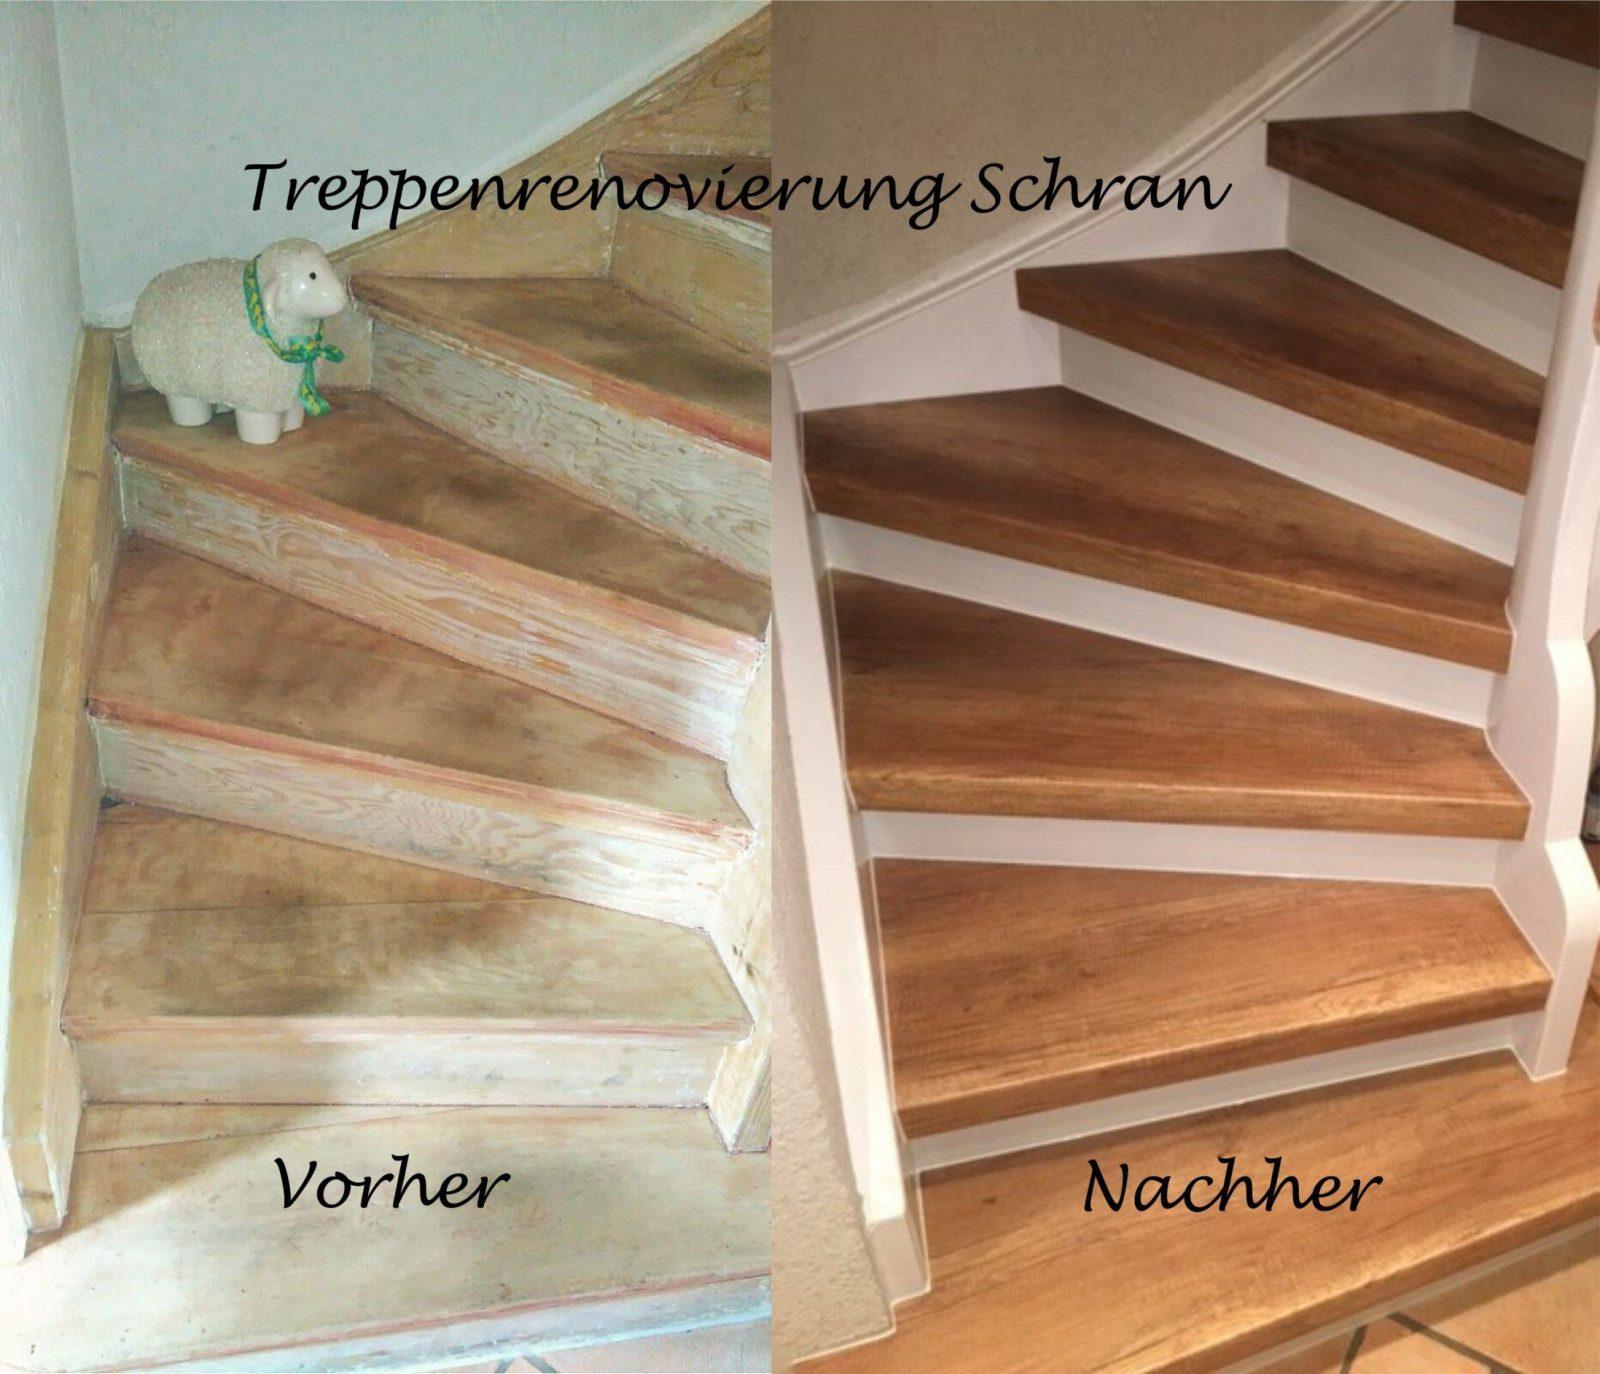 Treppenrenovierung Mit Laminatstufen Stufendekor Eiche Vintage von Treppe Streichen Ohne Schleifen Bild